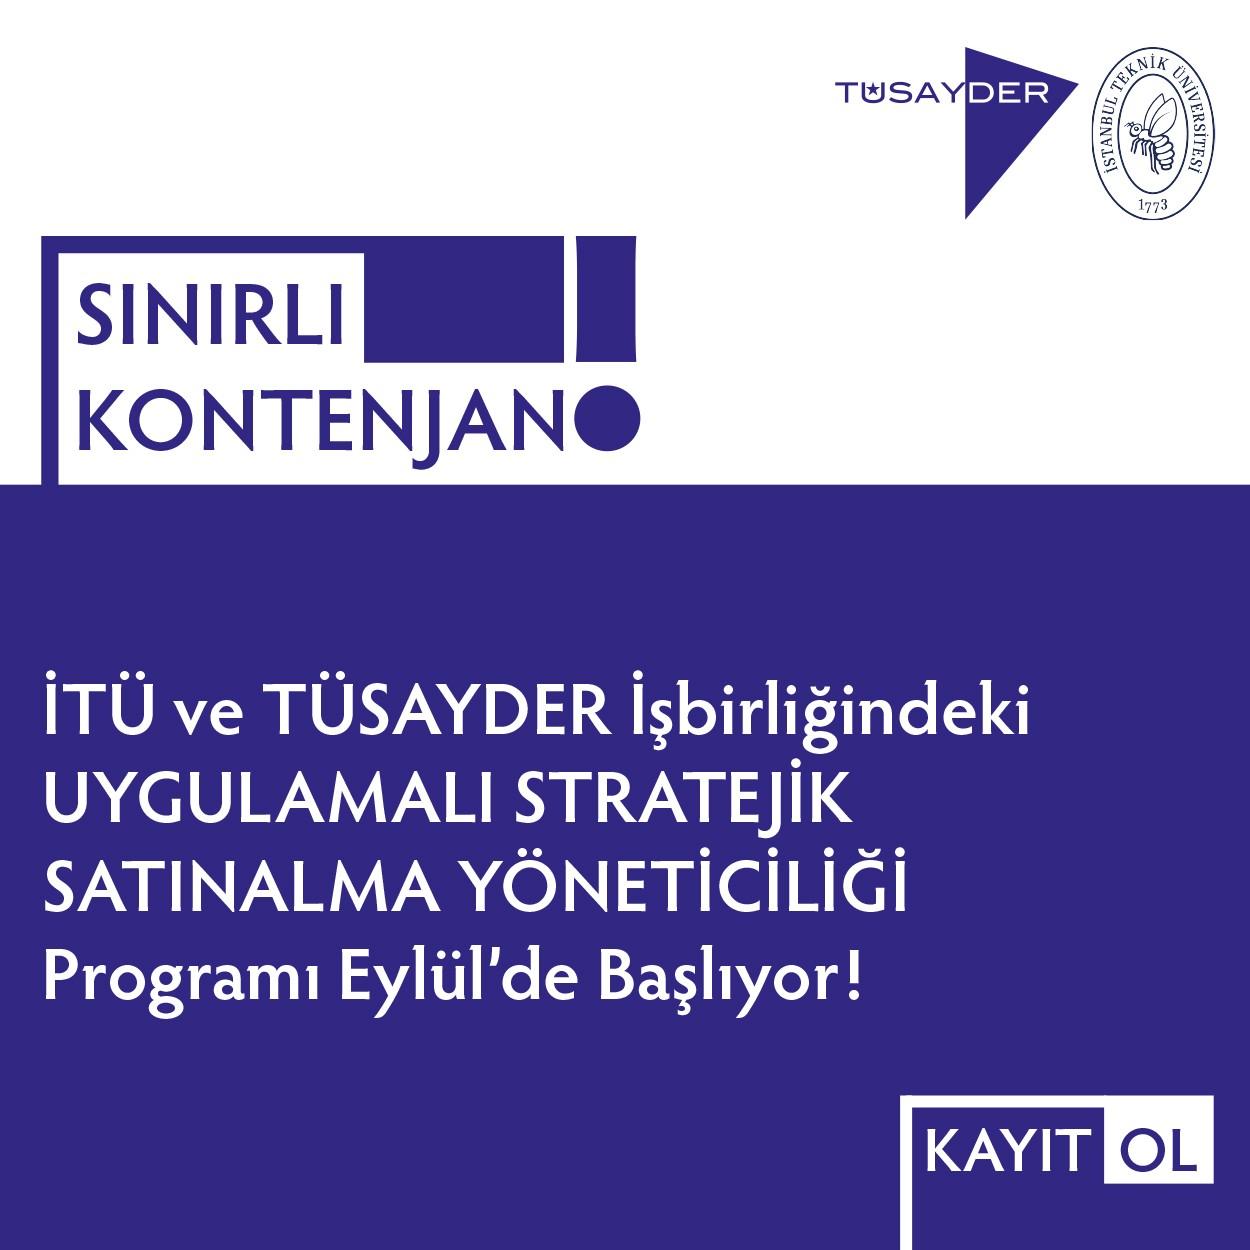 İTÜ ve TÜSAYDER İşbirliğindeki UYGULAMALI STRATEJİK SATINALMA YÖNETİCİLİĞİ Programı 21 Eylül'de Başlıyor!